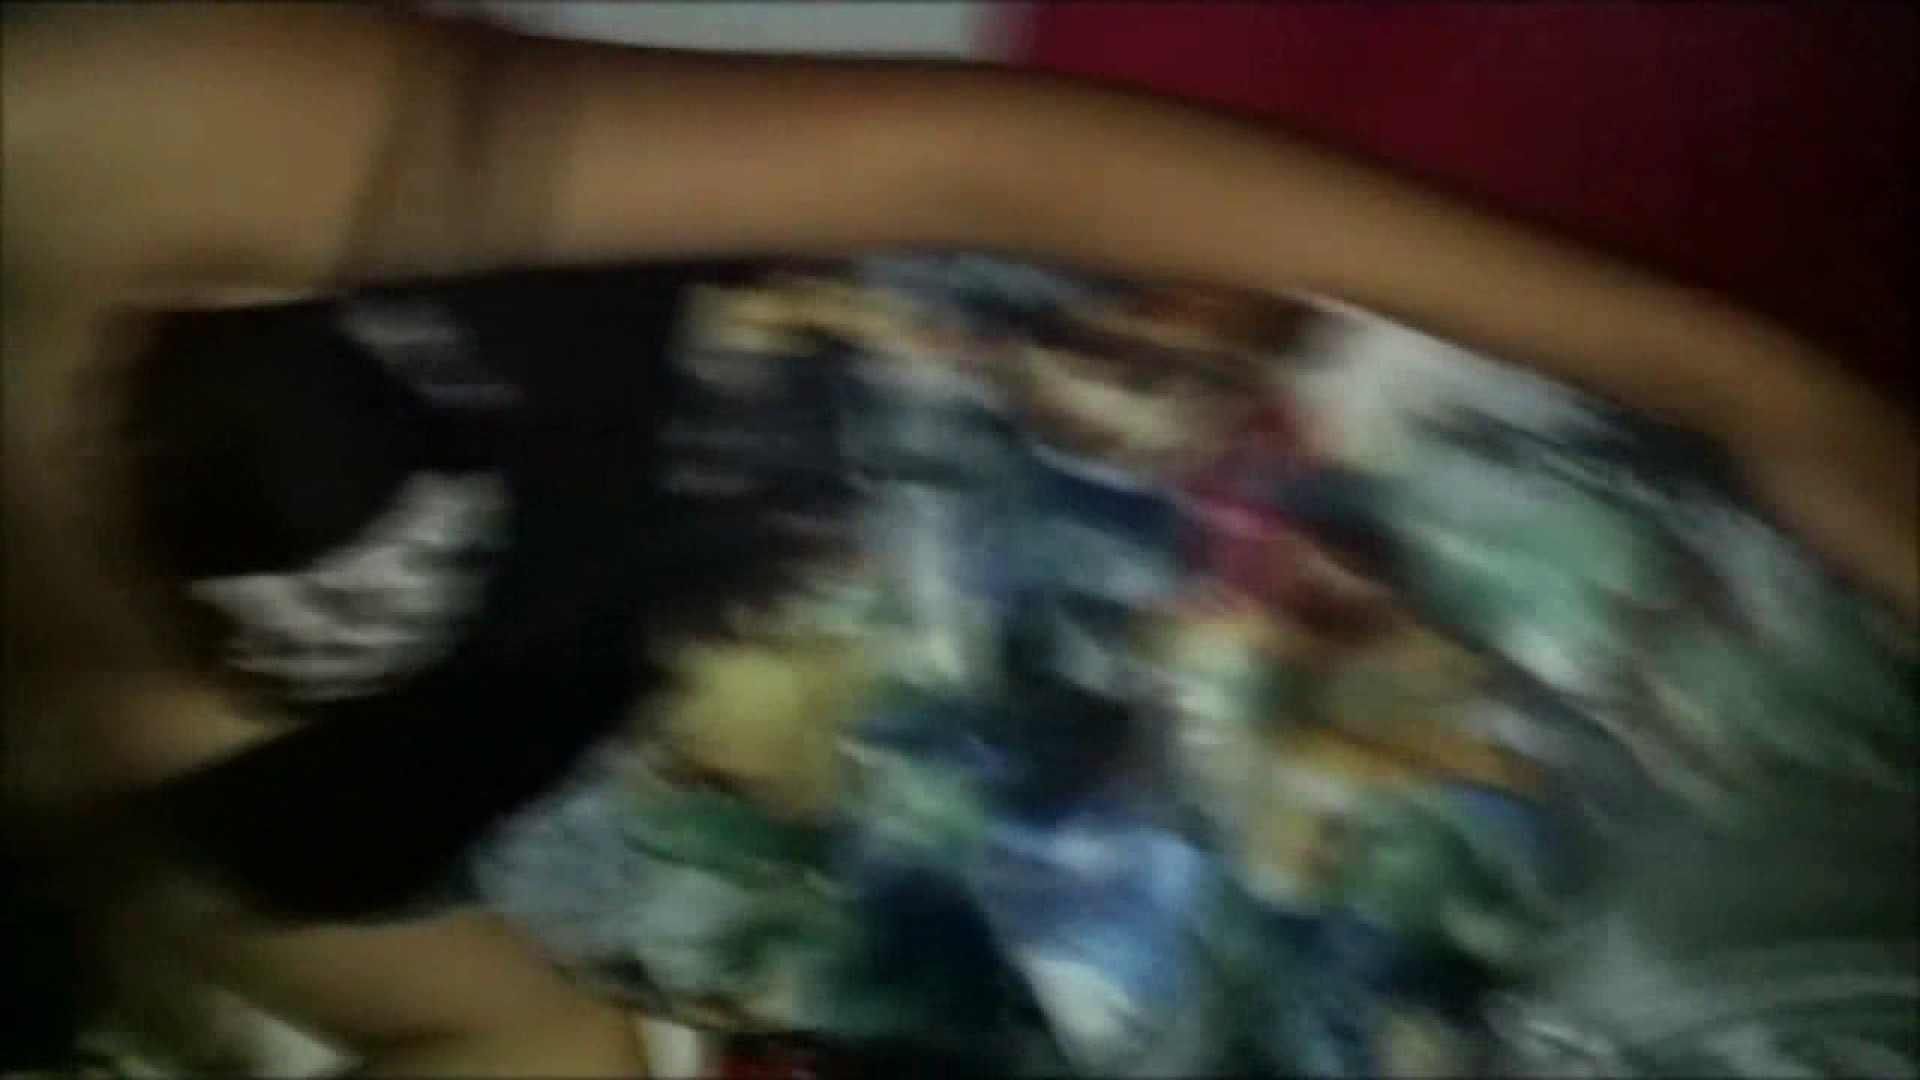 魔術師の お・も・て・な・し vol.15 ギャル系女子大生にブチ込ム! S級美女ギャル エロ無料画像 104画像 53